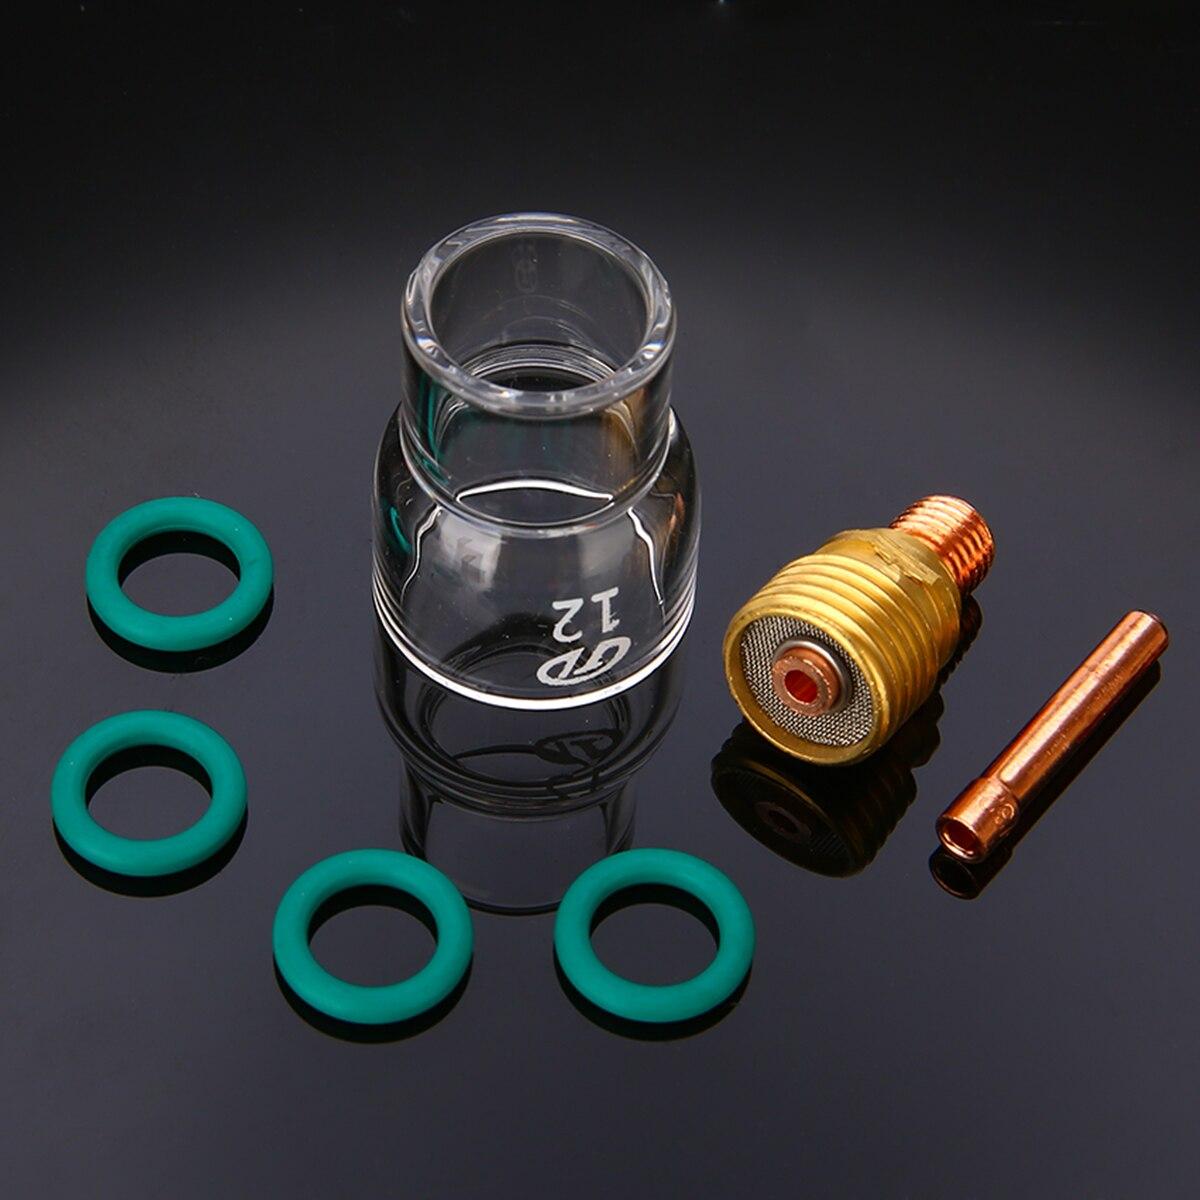 7 stücke Praktische Pyrex Schweißen Tasse Schweißen Taschenlampe Stubby Gas Objektiv #12 Glas Pyrex Tasse Wig-schweißen Kit Für WP-9/WP-20/WP-25 Mayitr